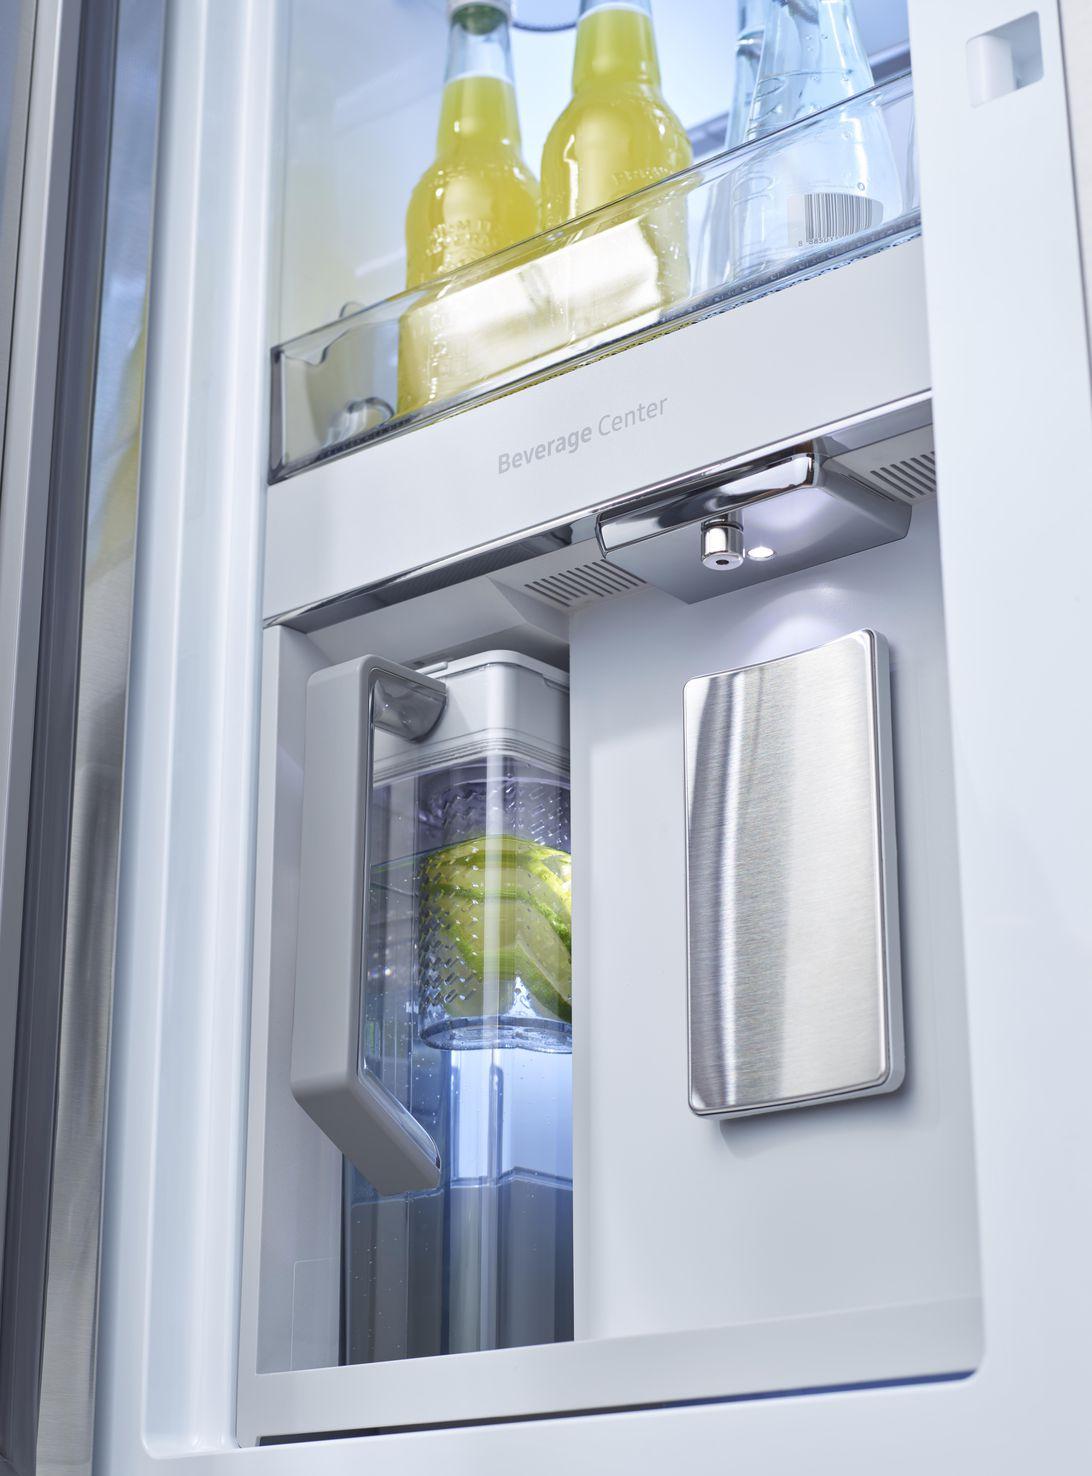 samsung-rf23m8090sg-refrigerador-producto-fotos-5